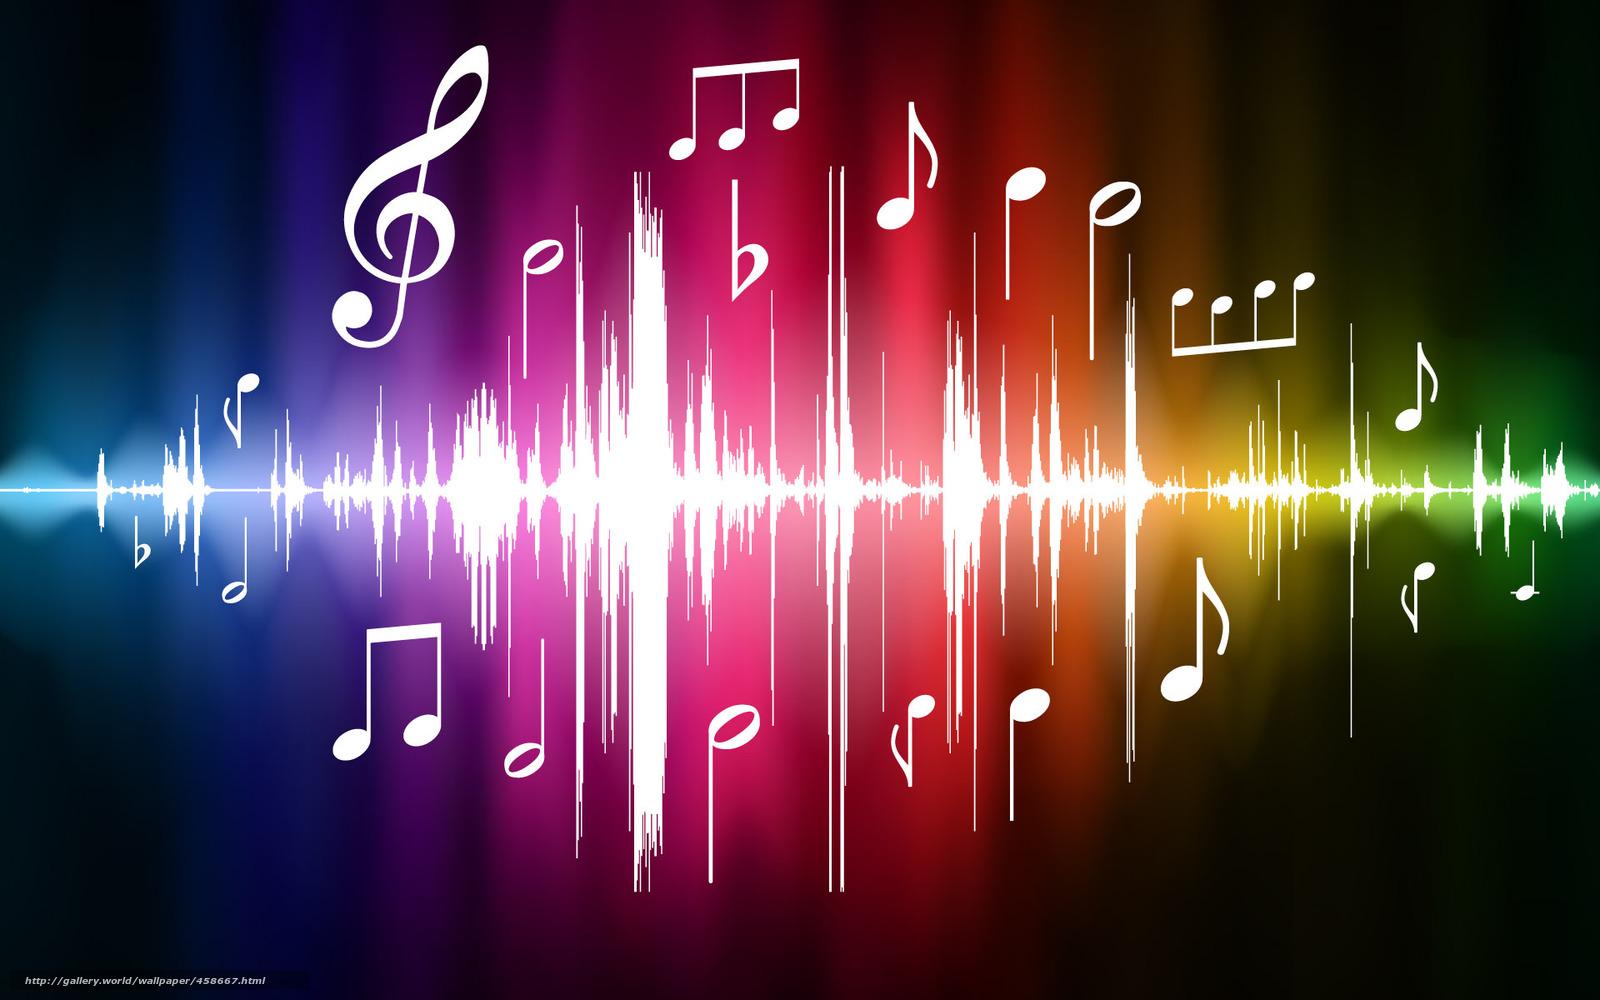 Download hintergrund musik musik abstraktion farbe freie desktop